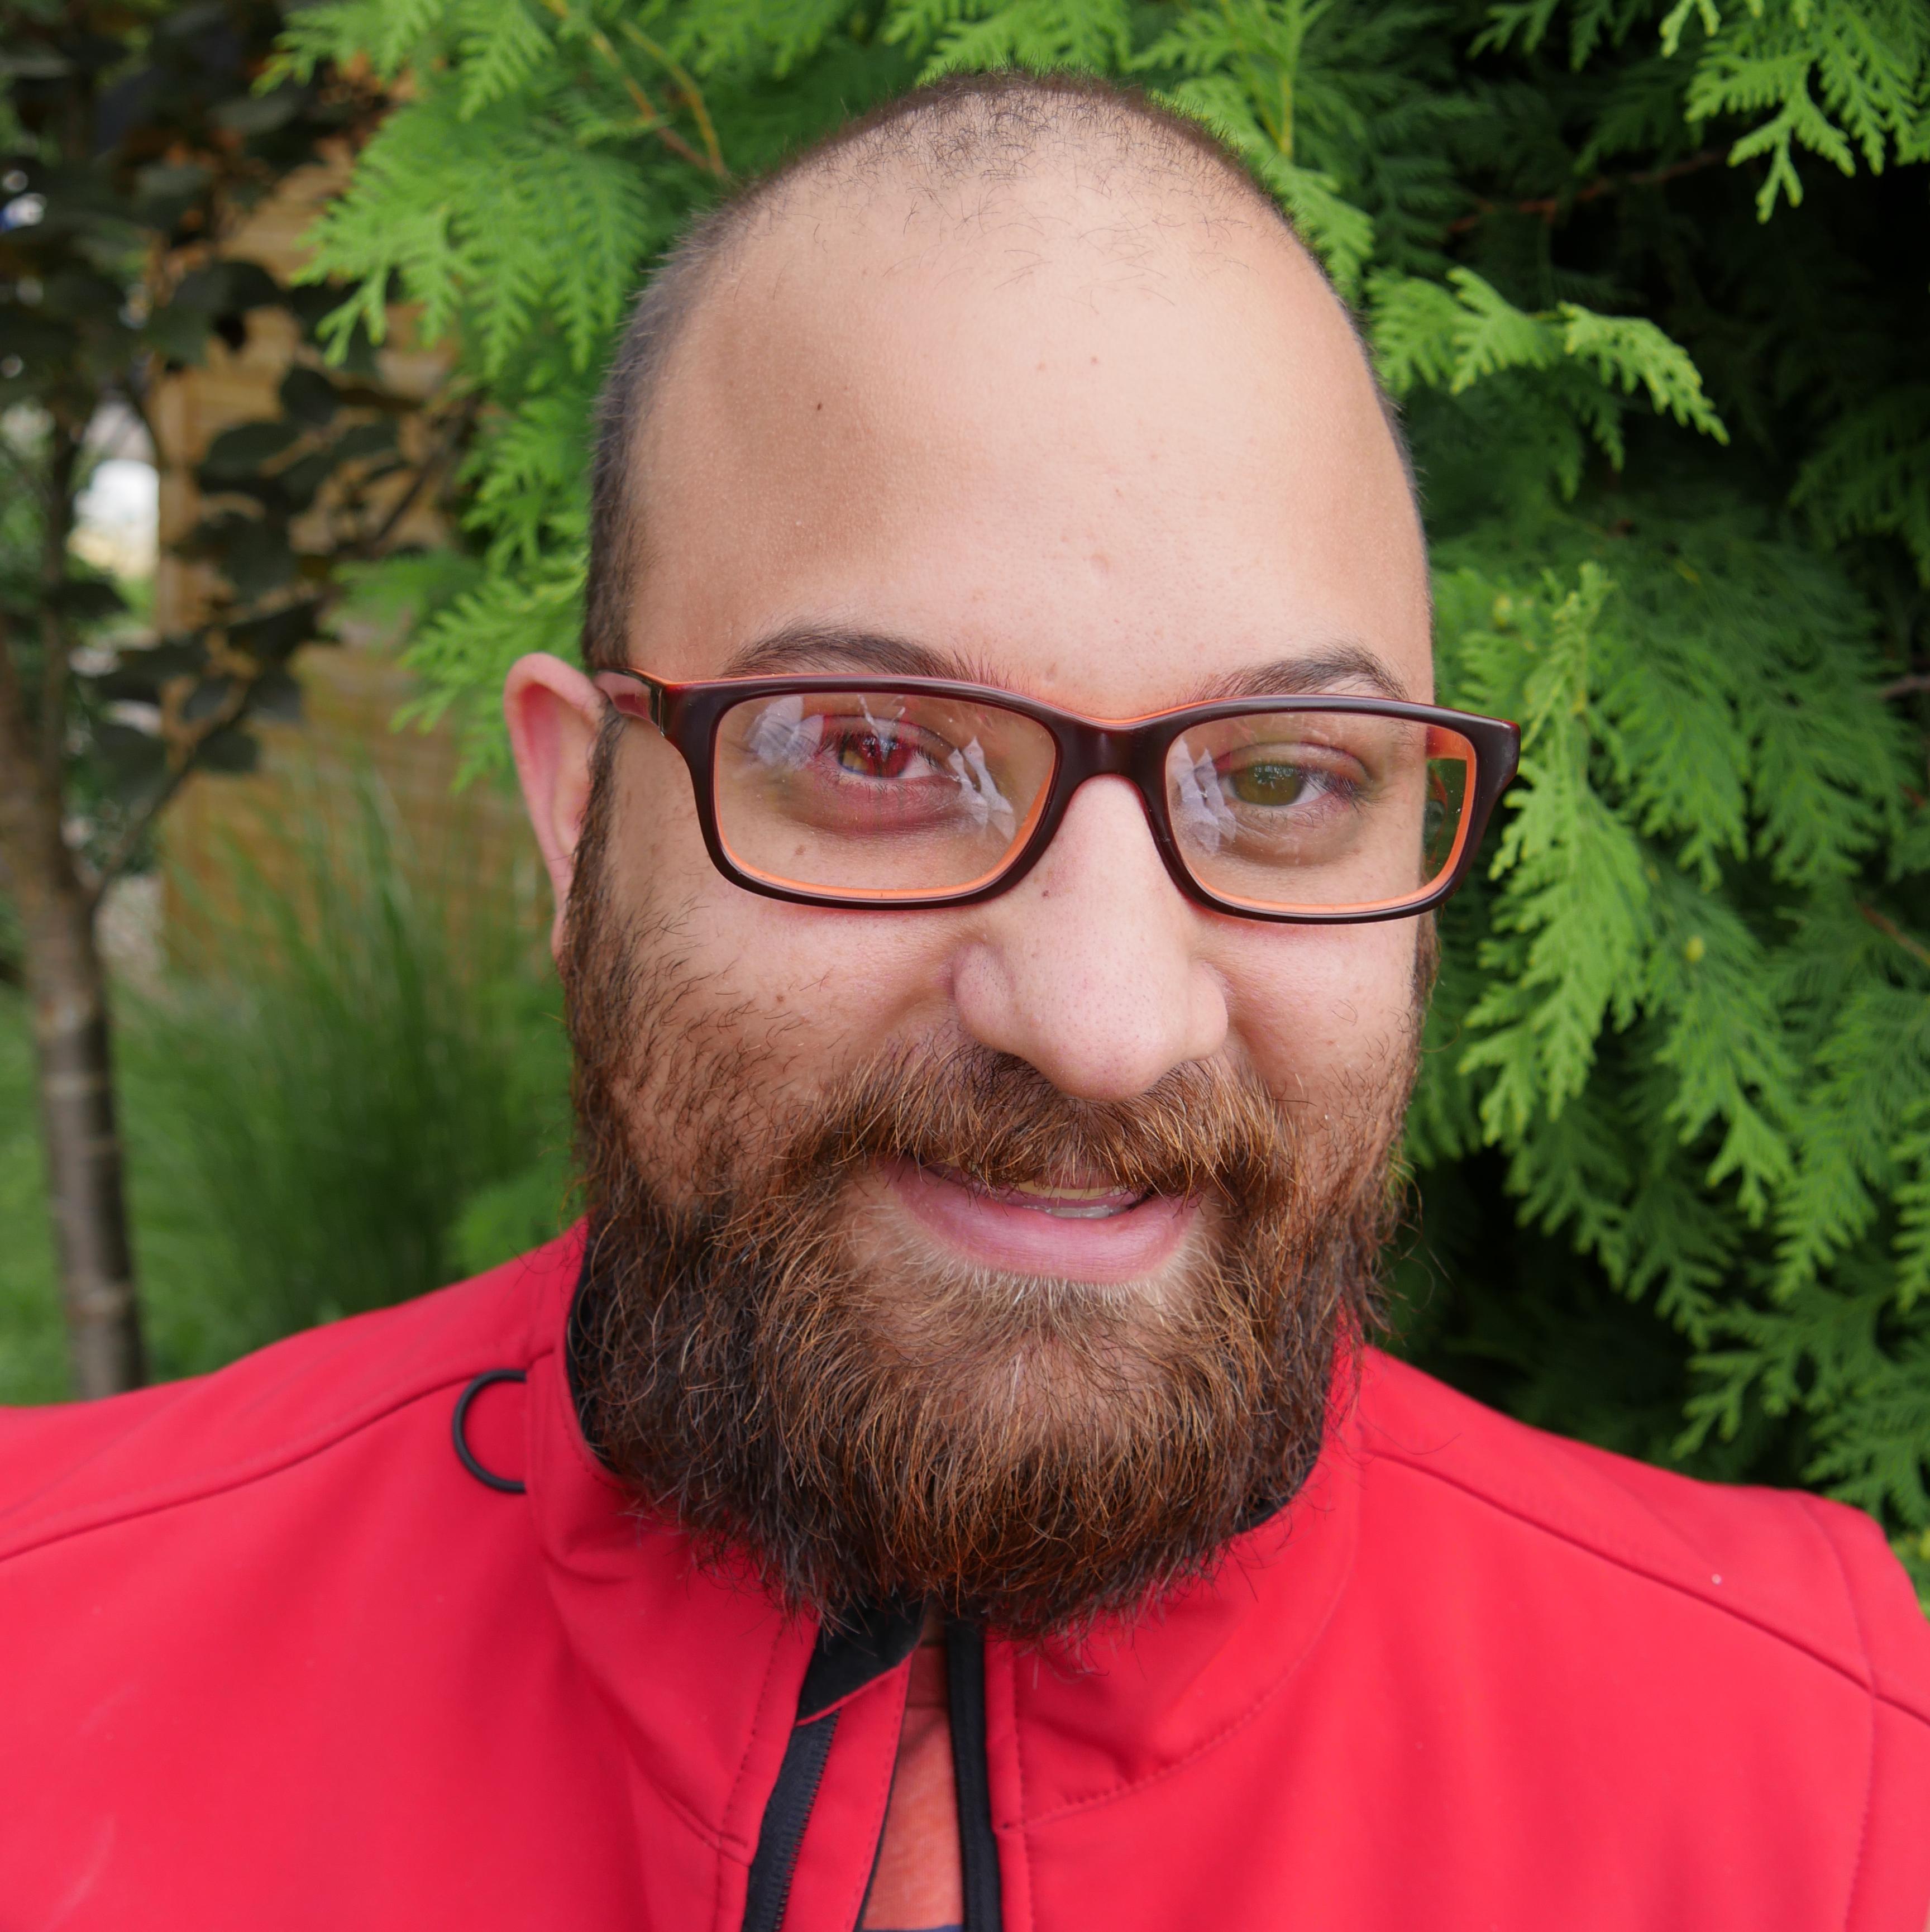 Michael Reichenberger